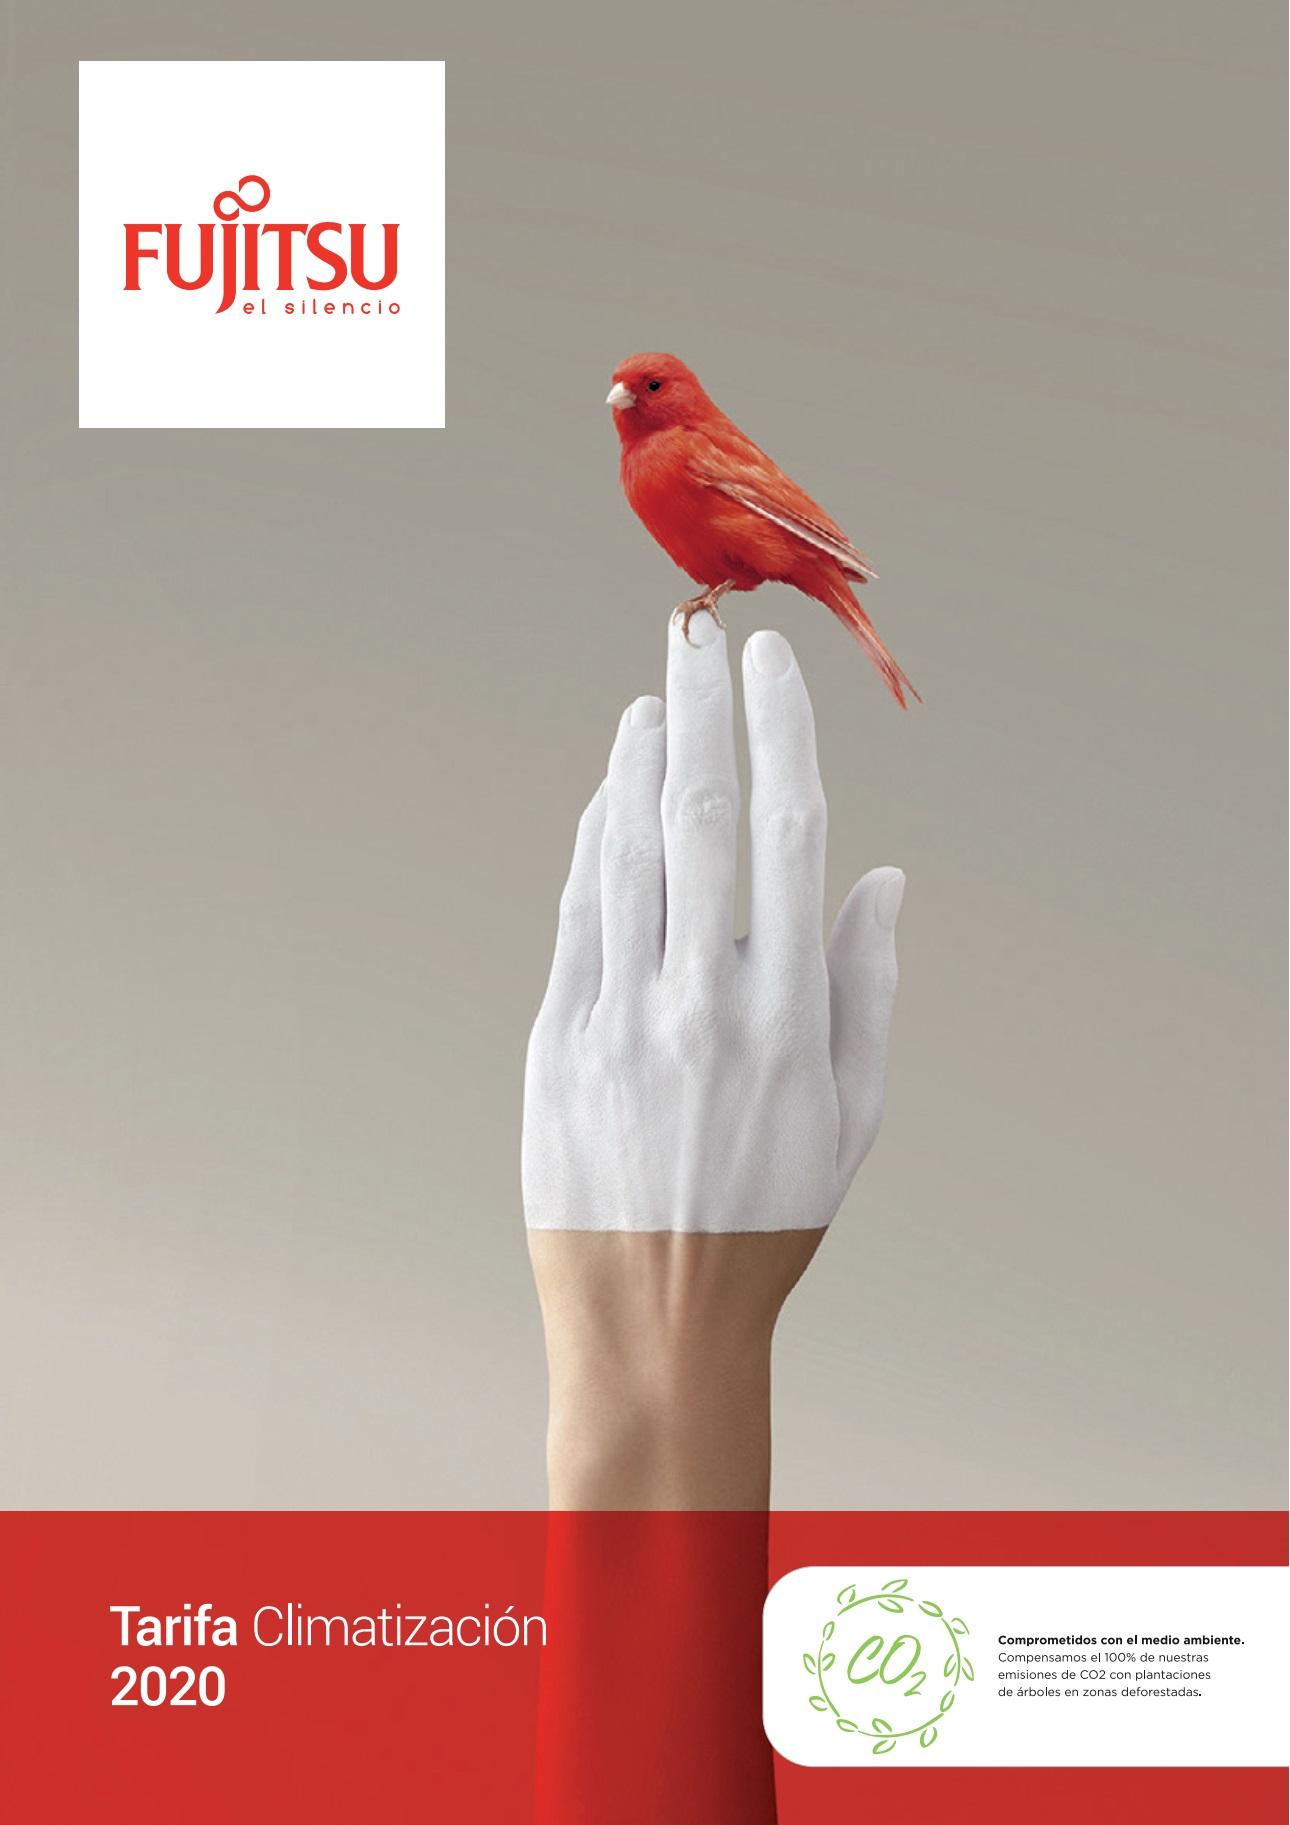 Portada Tarifa Fujitsu 2020